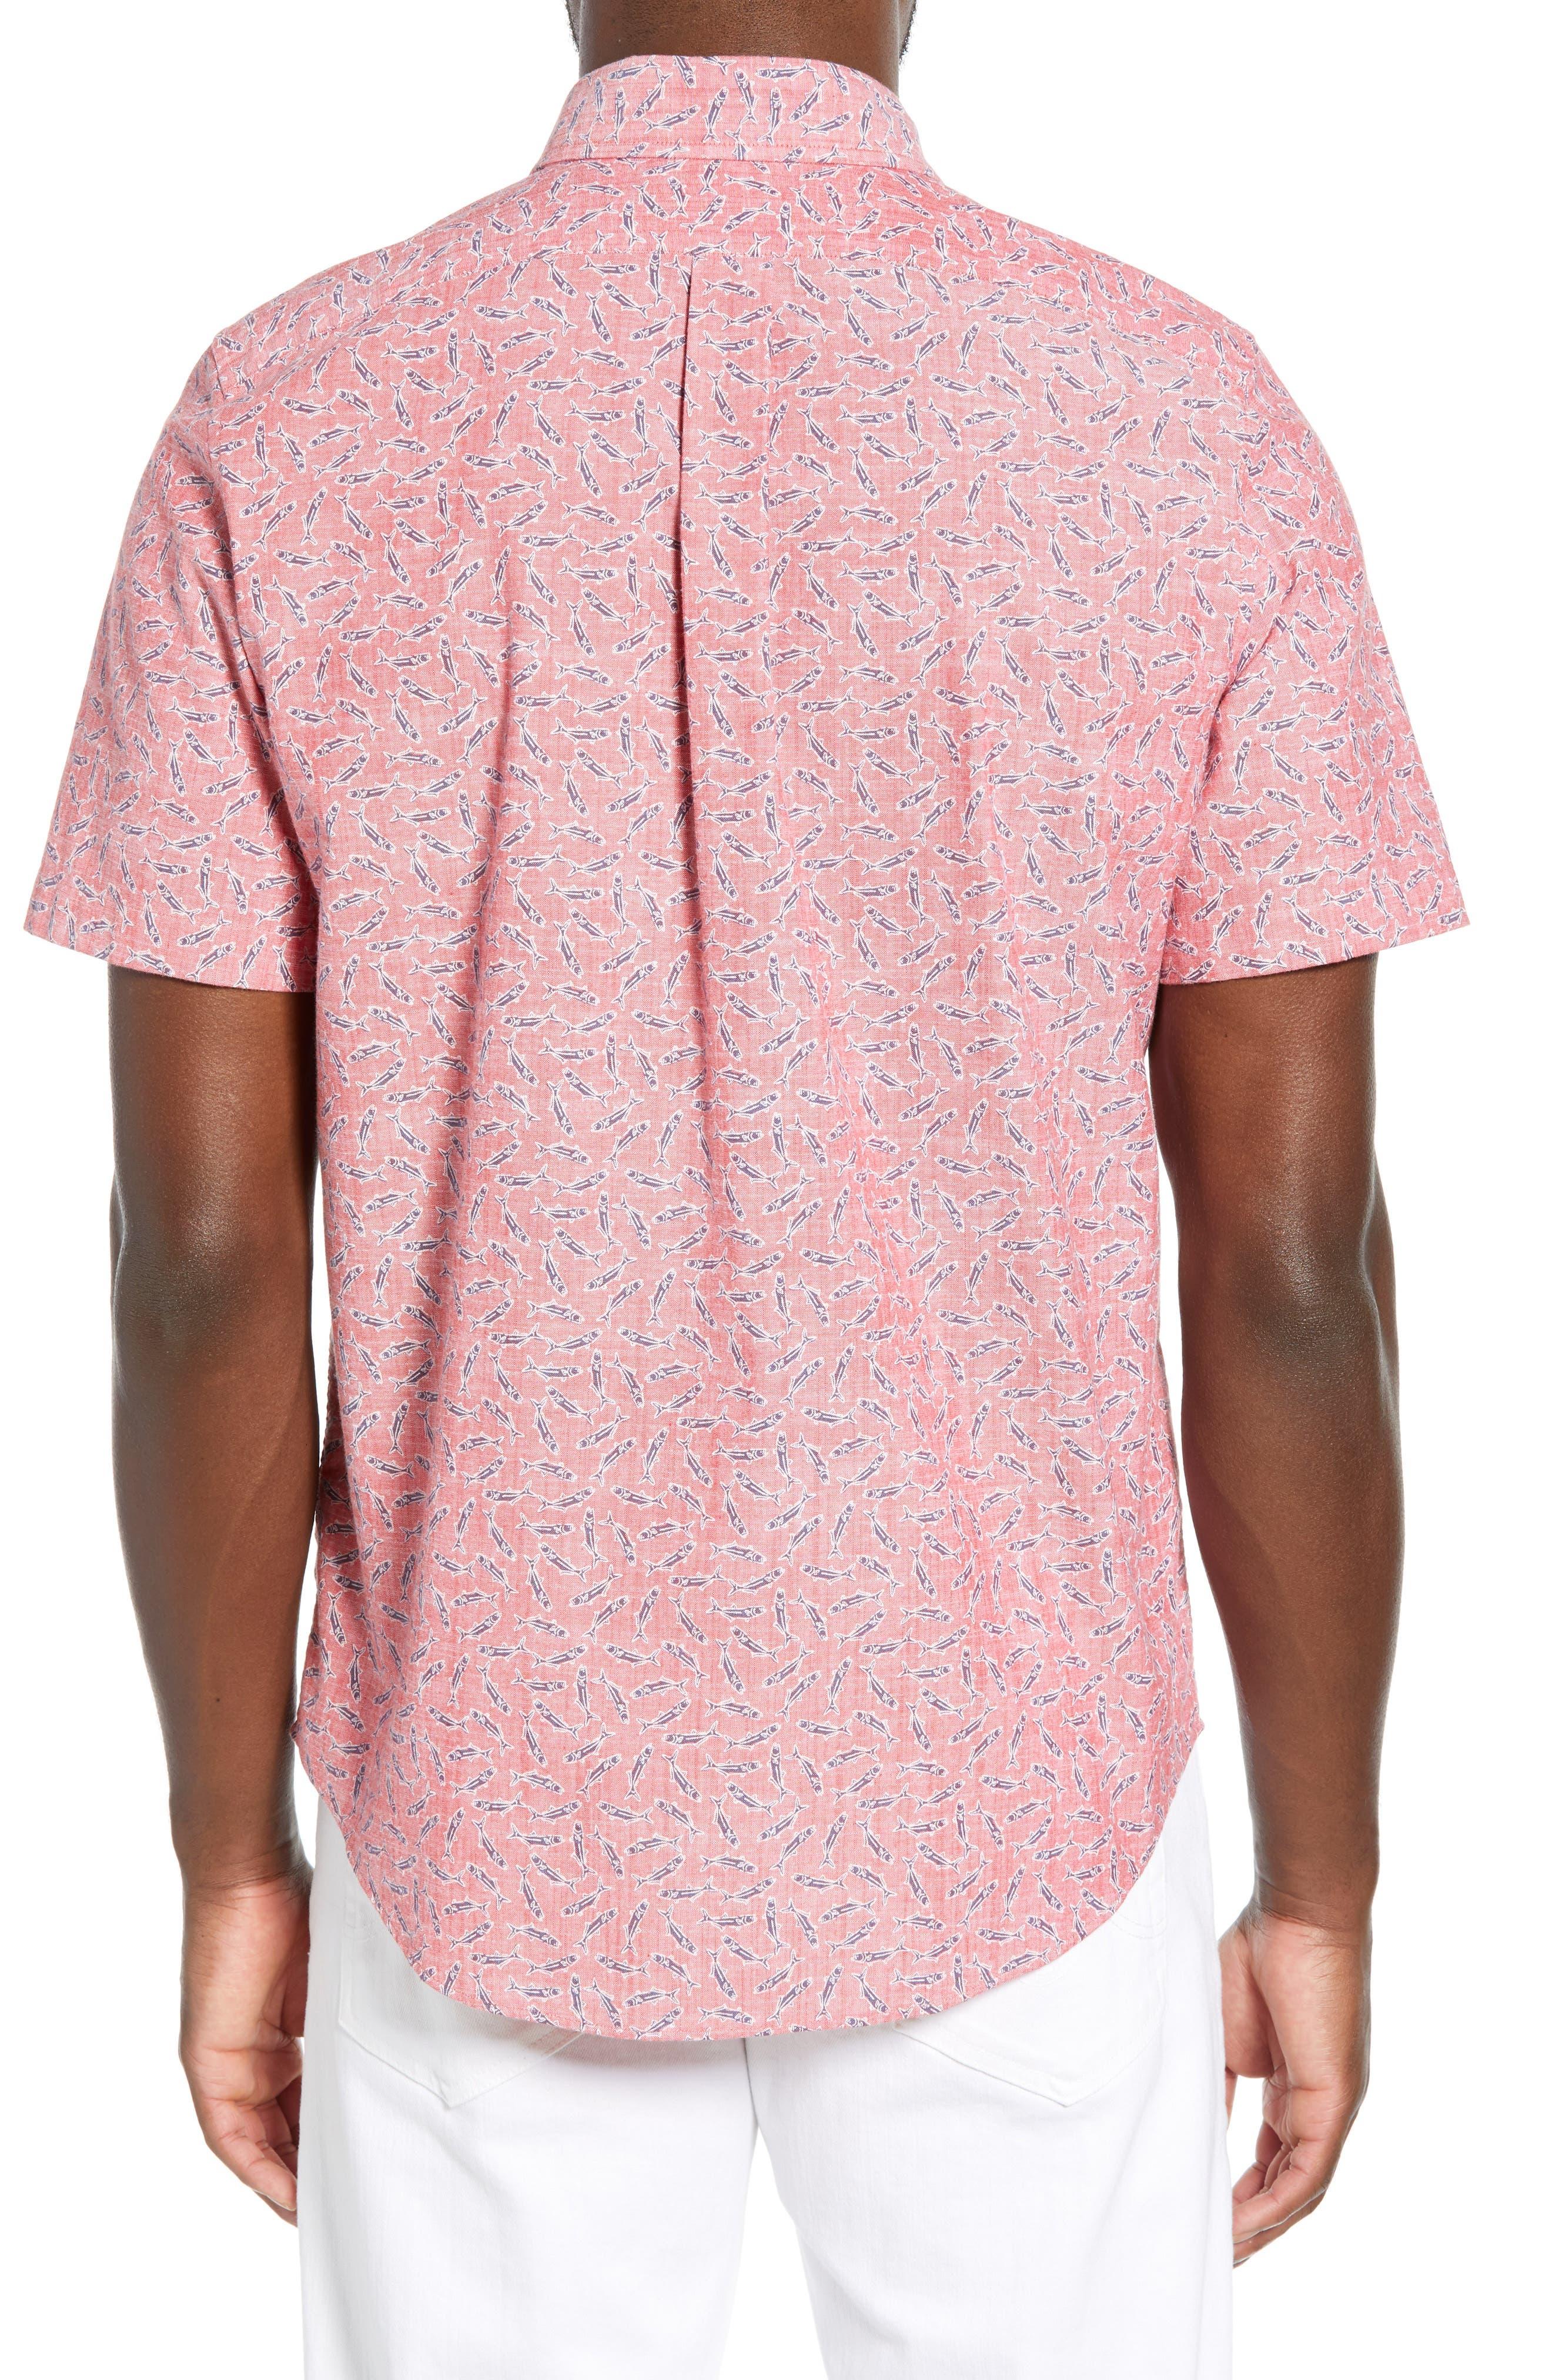 VINEYARD VINES,                             Murray Slim Fit Sport Shirt,                             Alternate thumbnail 3, color,                             LOBSTER REEF